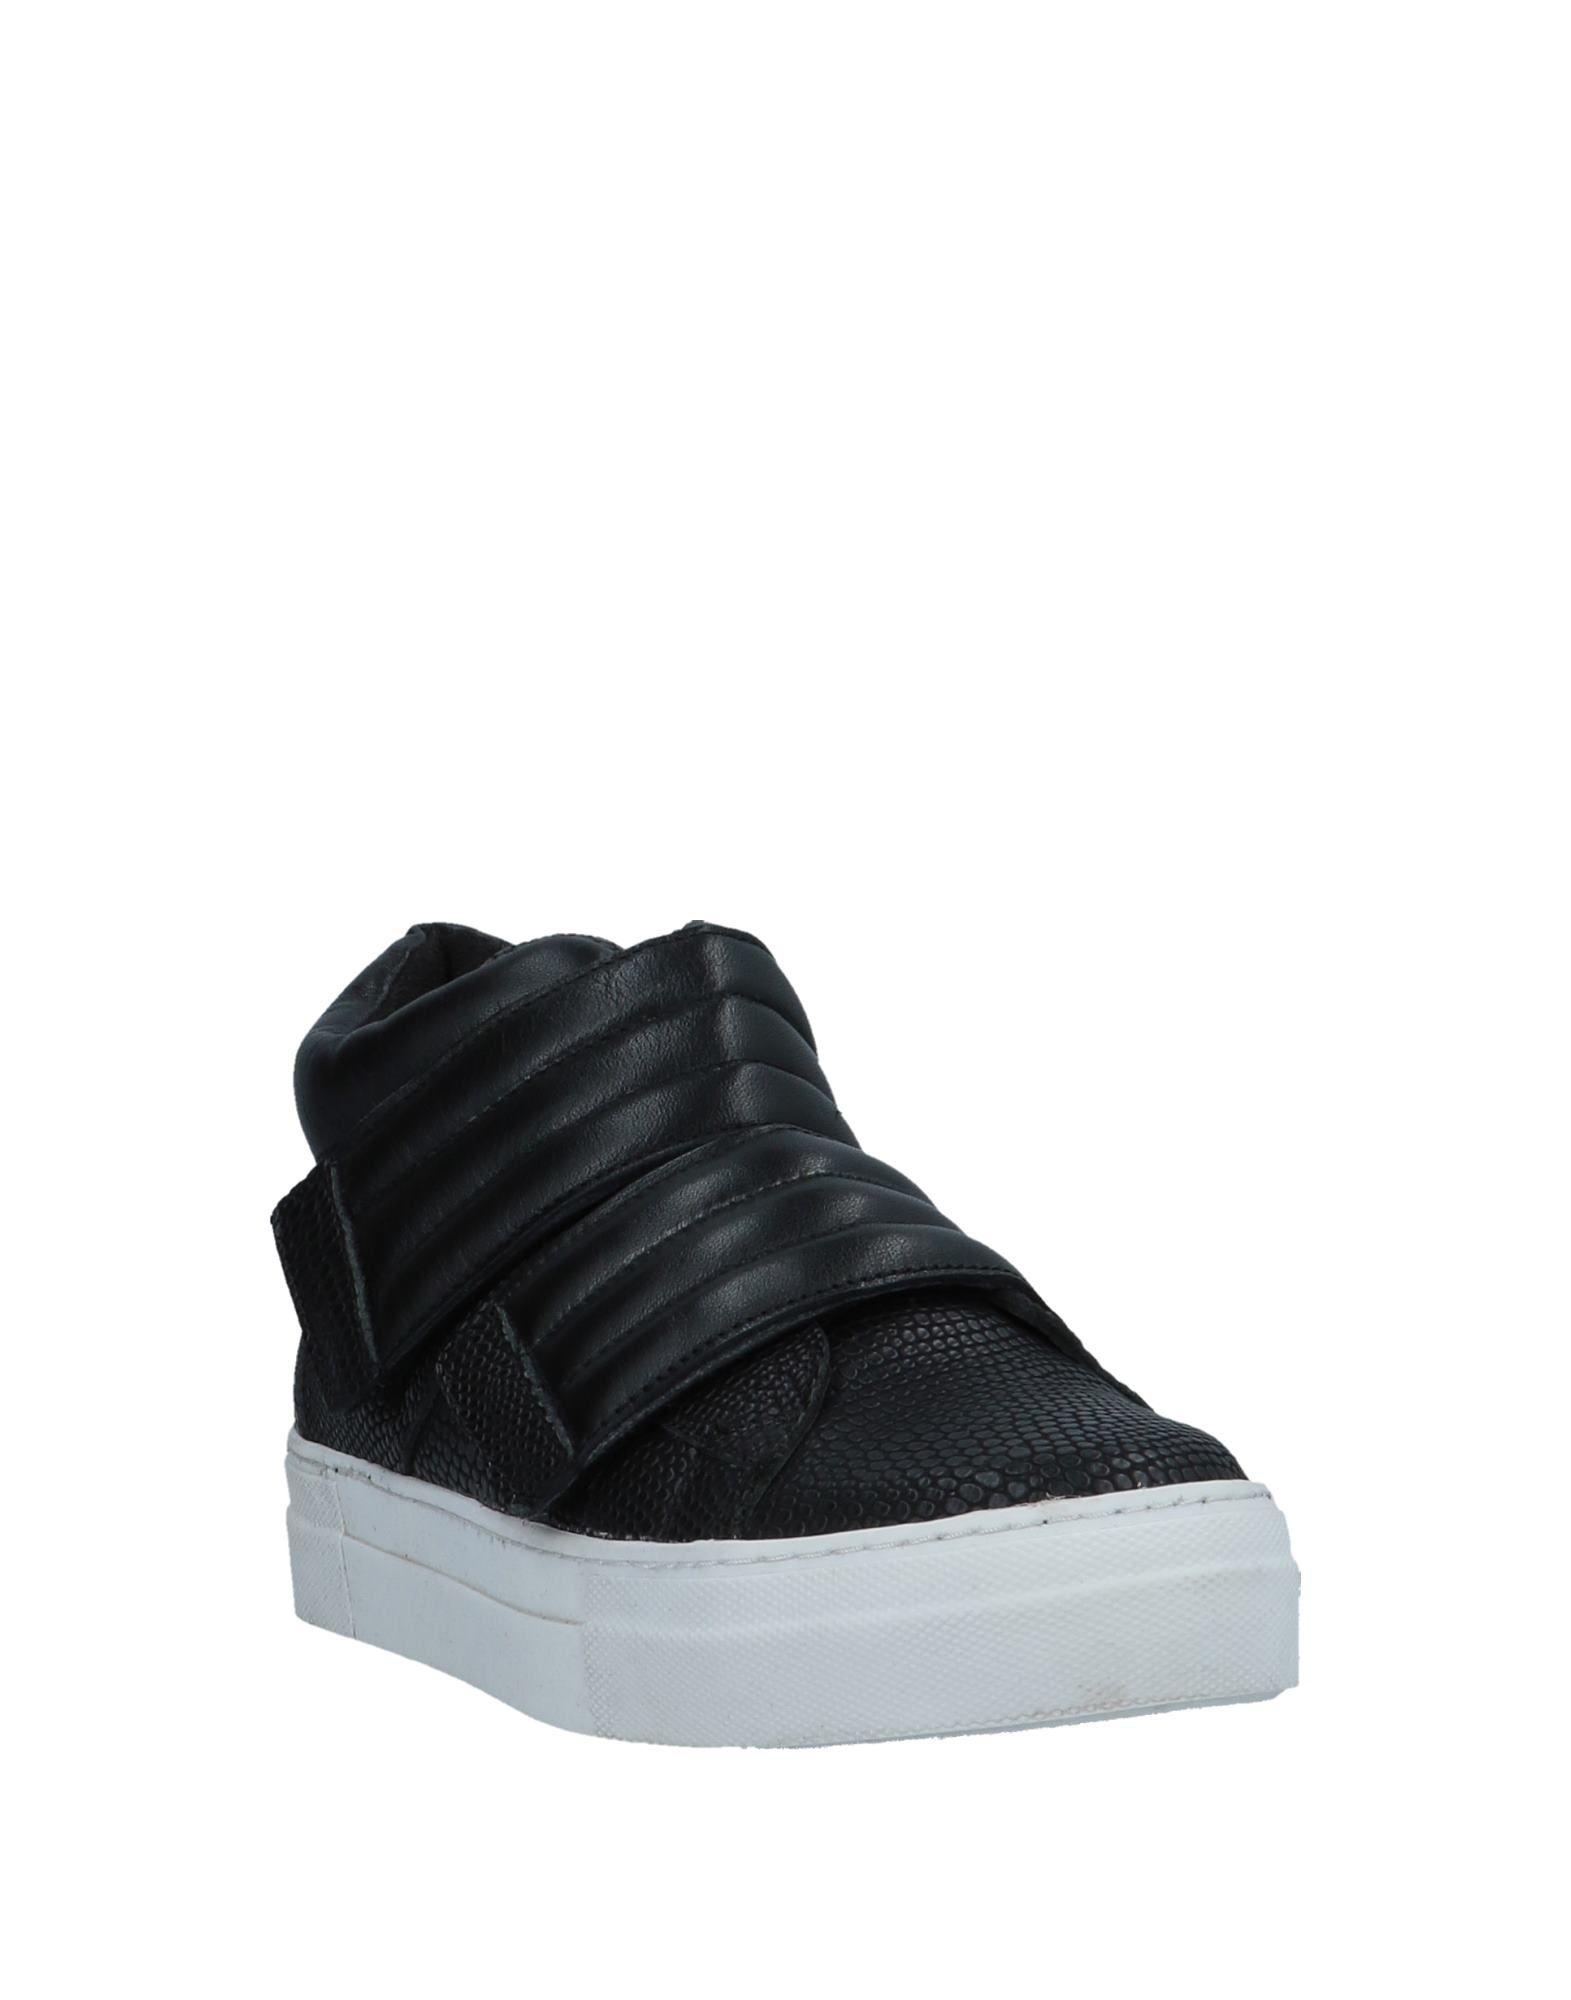 Pixy Sneakers Damen  beliebte 11574157HO Gute Qualität beliebte  Schuhe f85d58